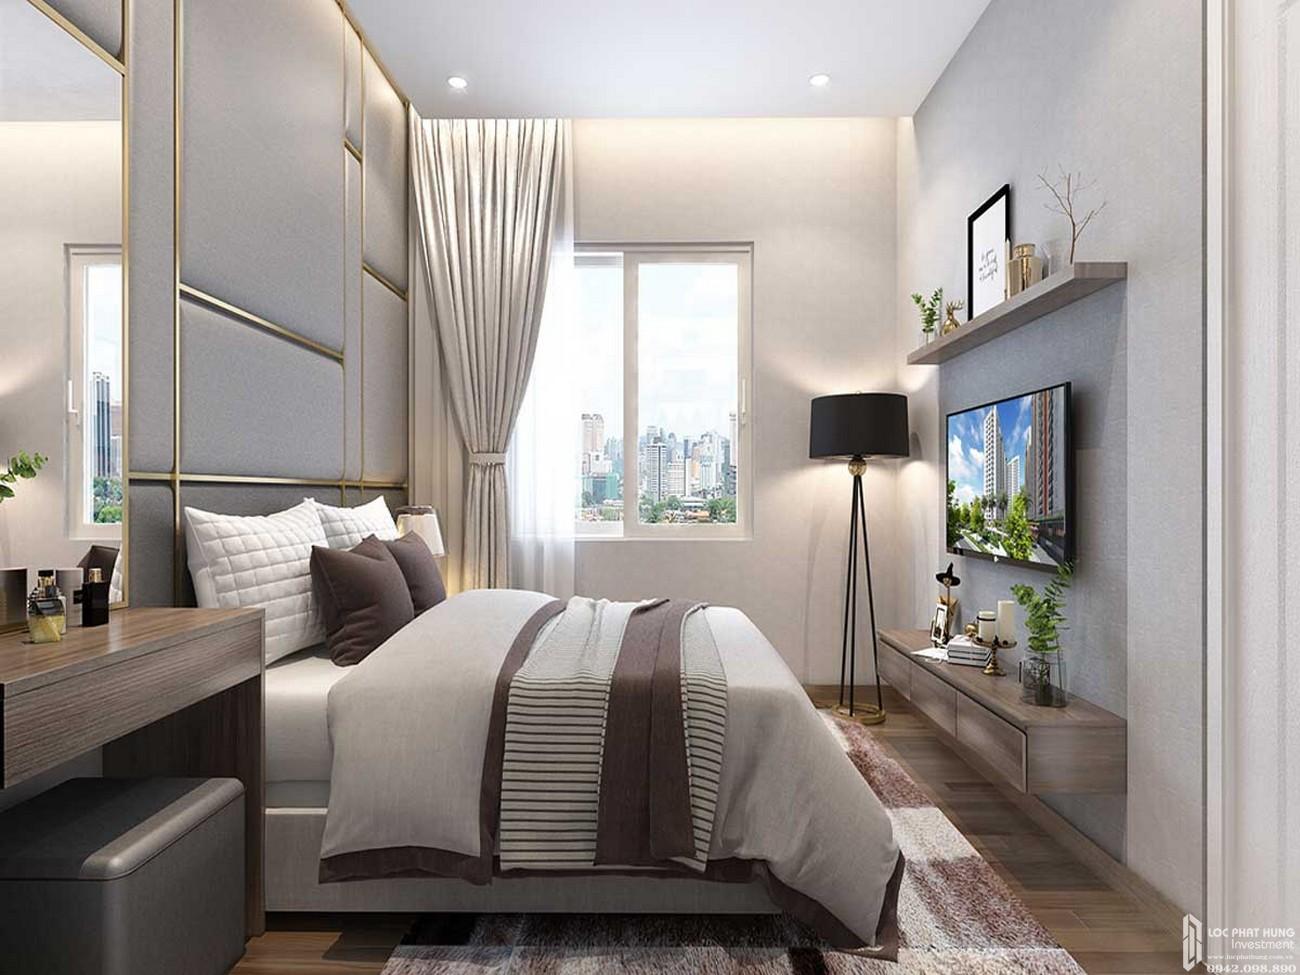 Thiết kế Nhà mẫu dự án căn hộ chung cư Unico Thăng Long Bến Cát Đường QL 13 chủ đầu tư UnicoCăn Hộ loại 1PN chung cư Eco Xuân Sky Residences Lái Thiêu Đường Quốc Lộ 13 chủ đầu tư SP Setia Malaysia